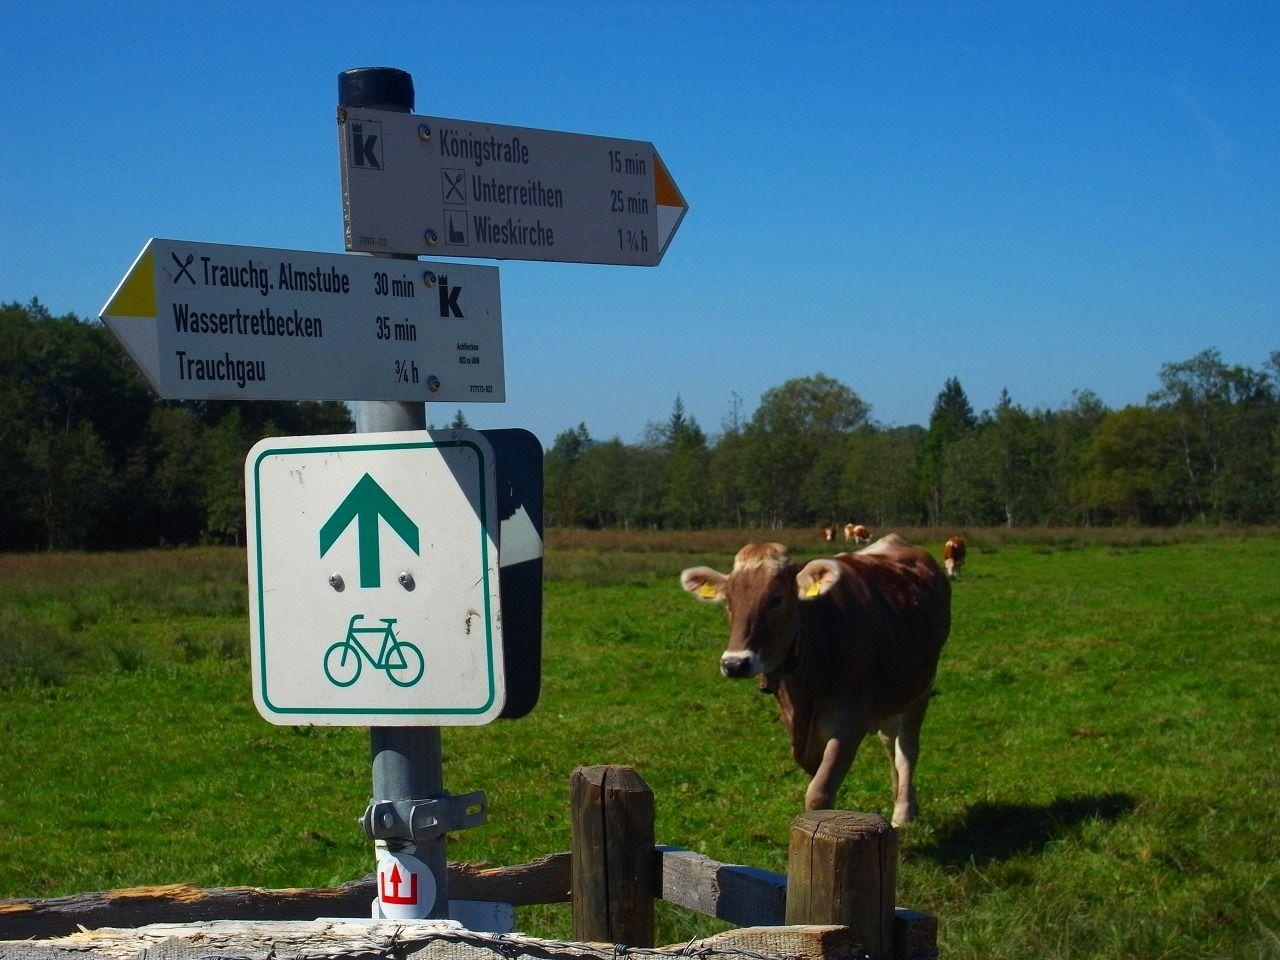 トラウヒガウ村周辺では森や牧場を走ることも……